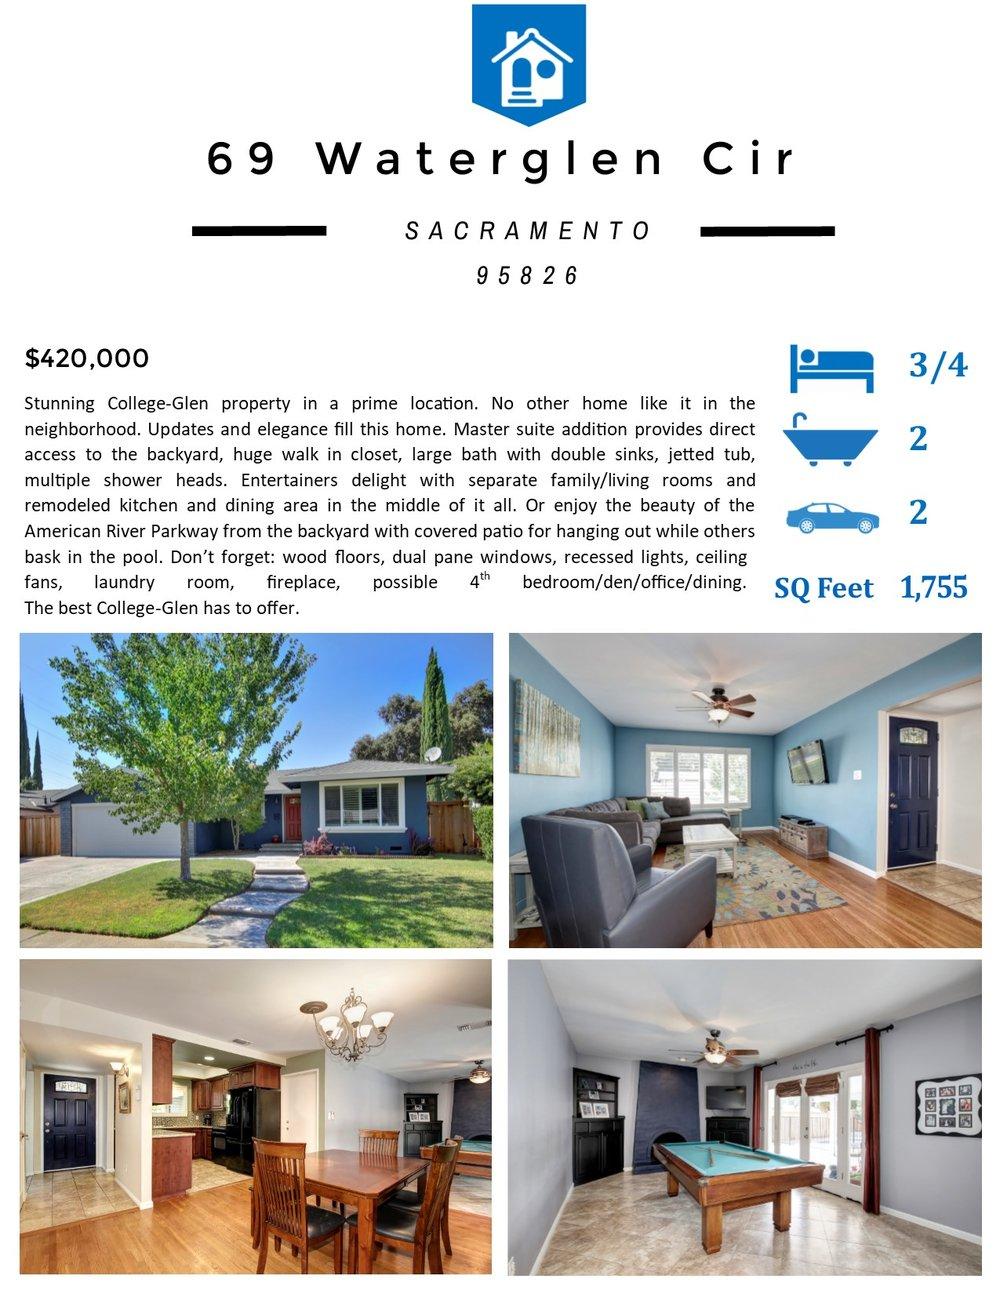 Flyer Front - 69 Waterglen Cir Sacramento CA 95826.jpg